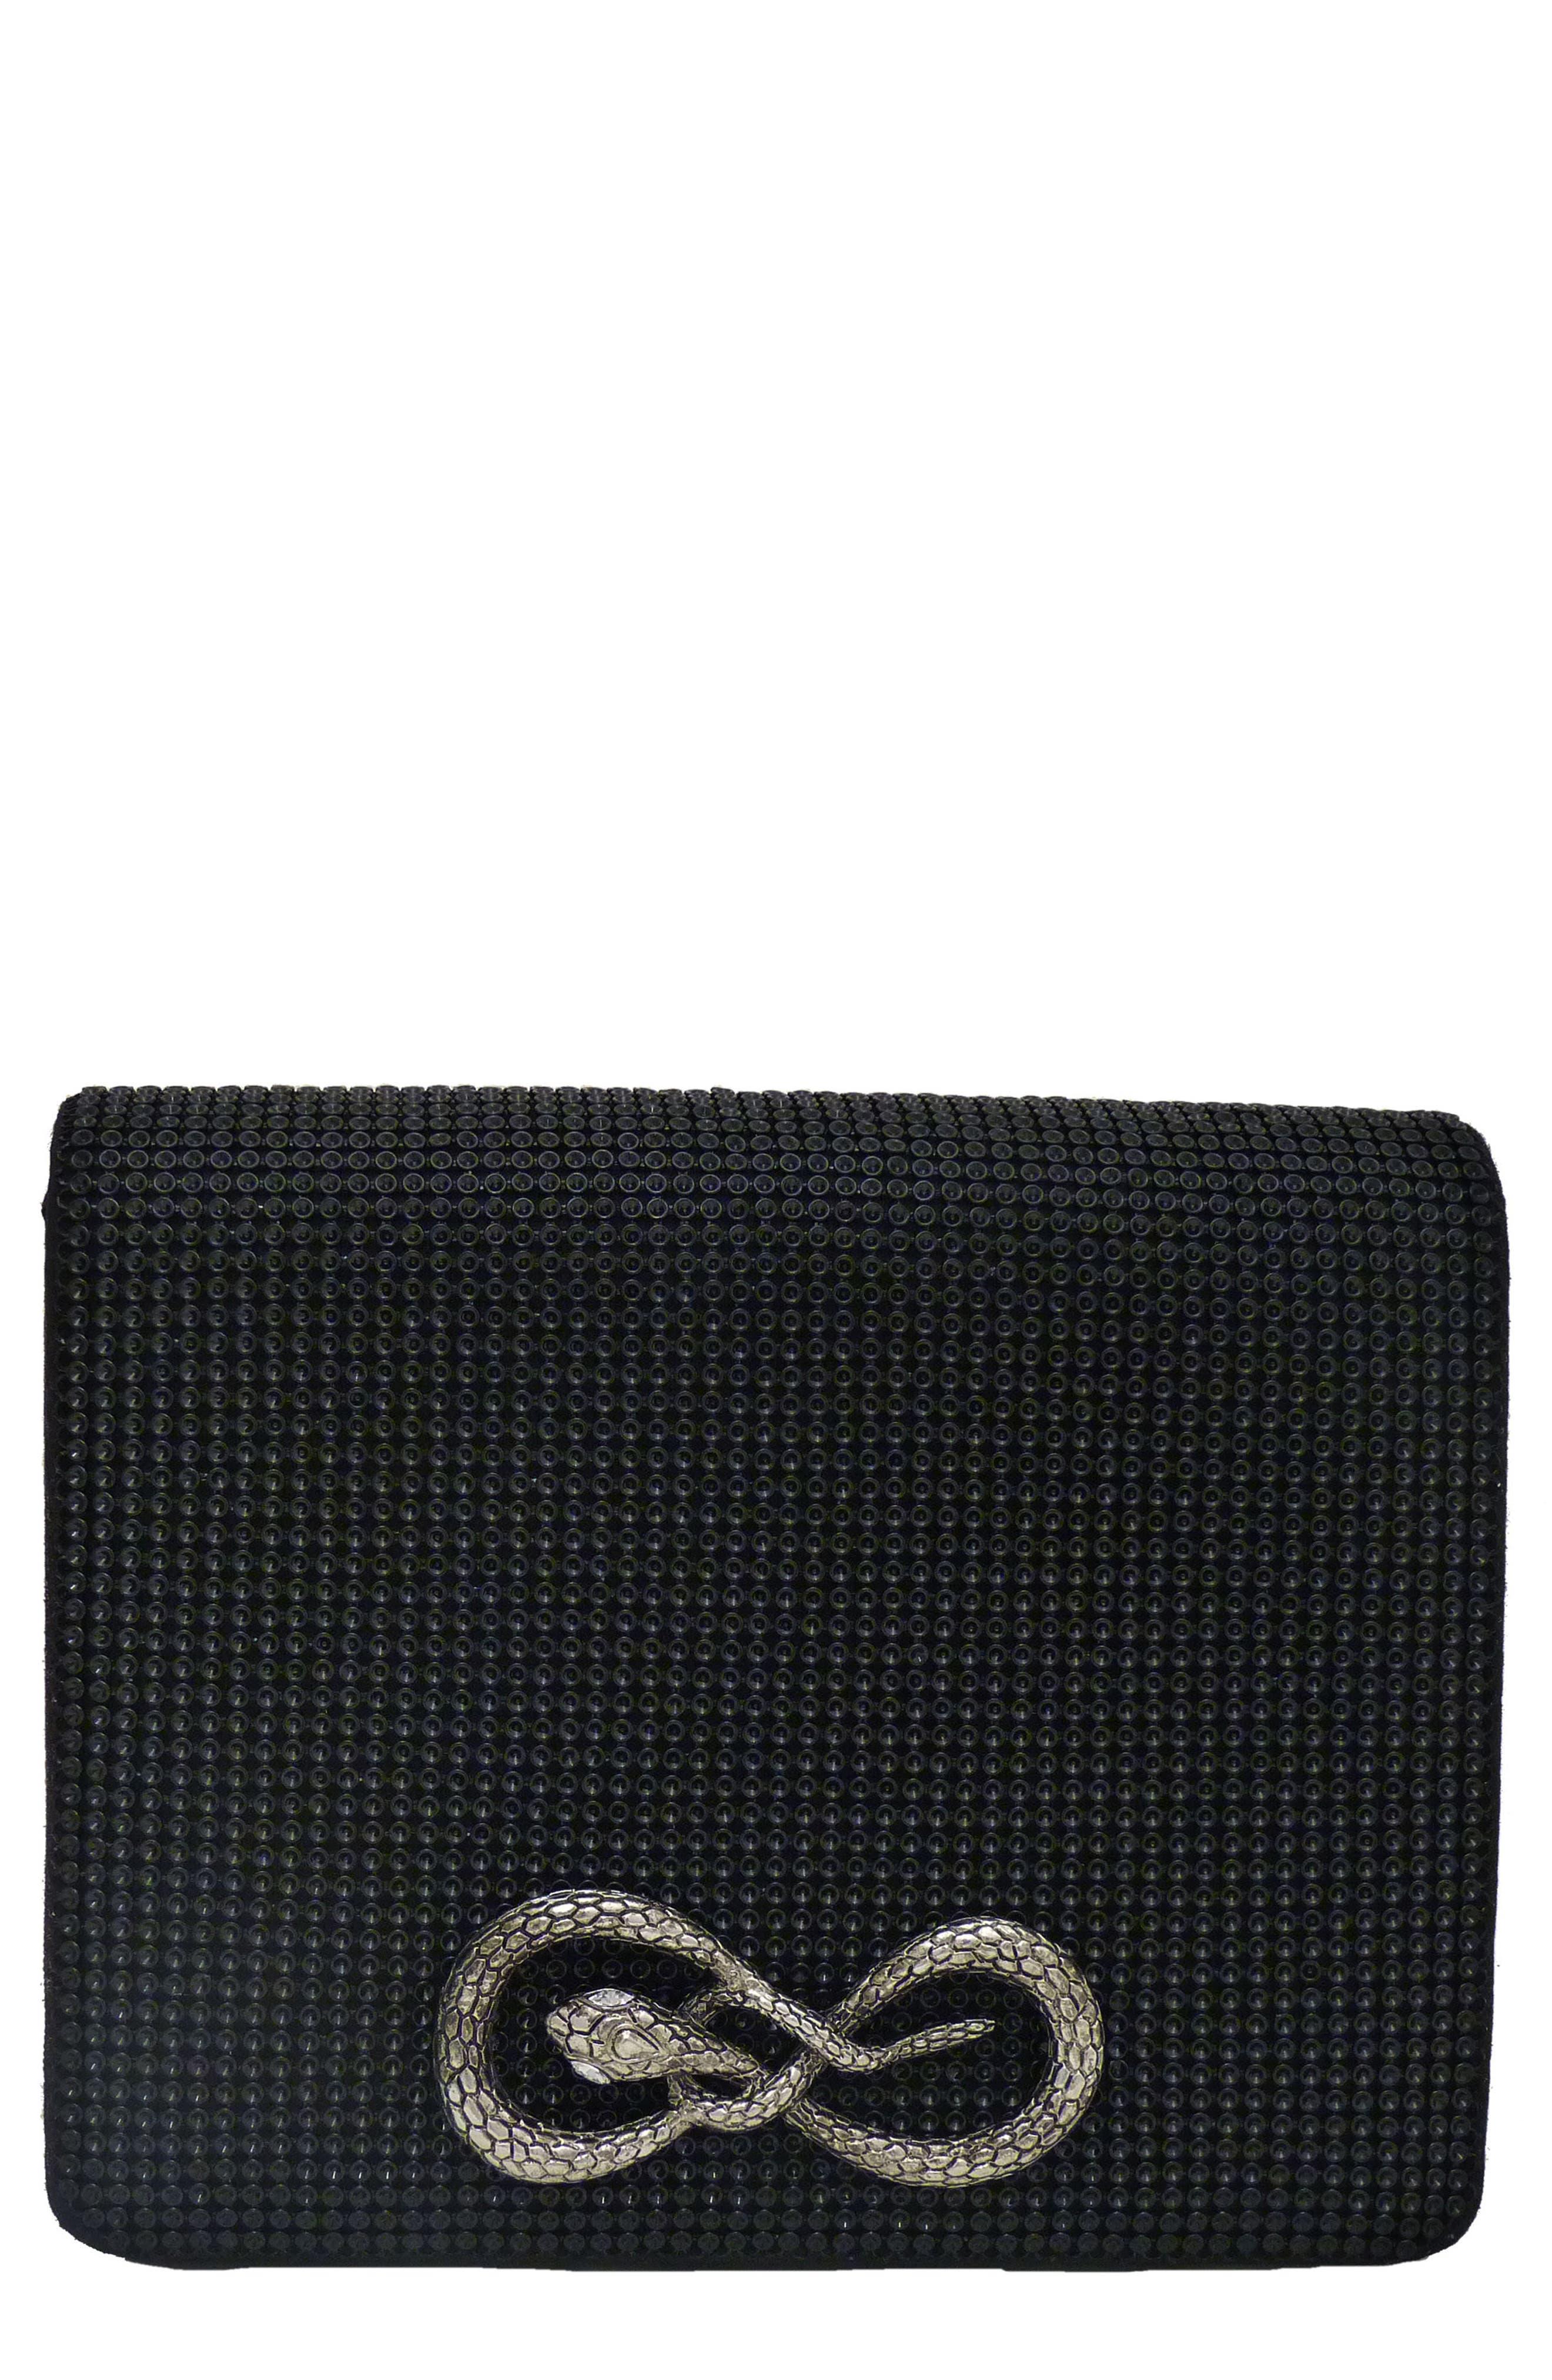 Serpent Seville Mesh Clutch,                         Main,                         color, Black